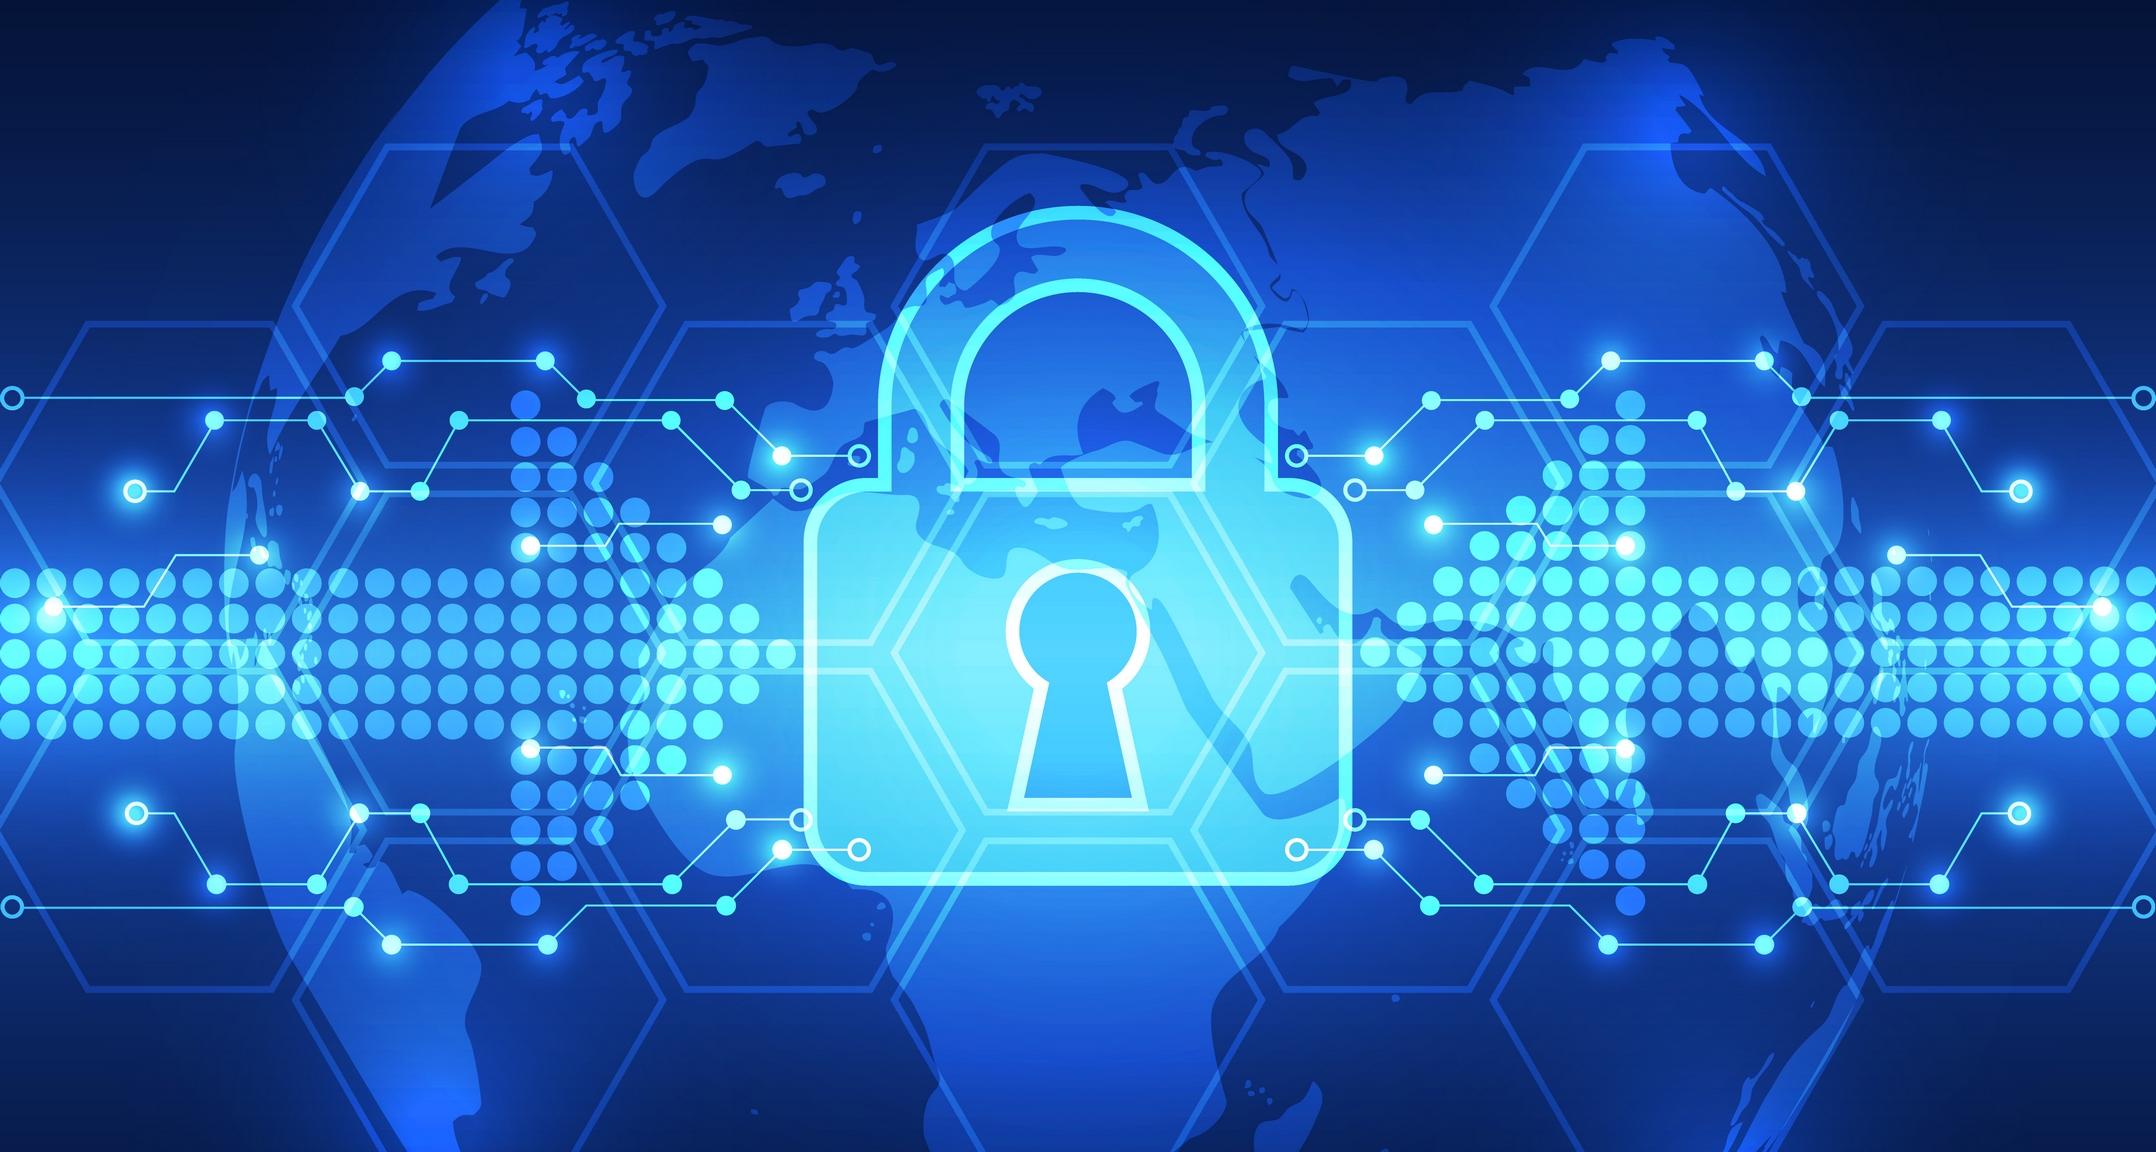 Безопасность в информационном обществе